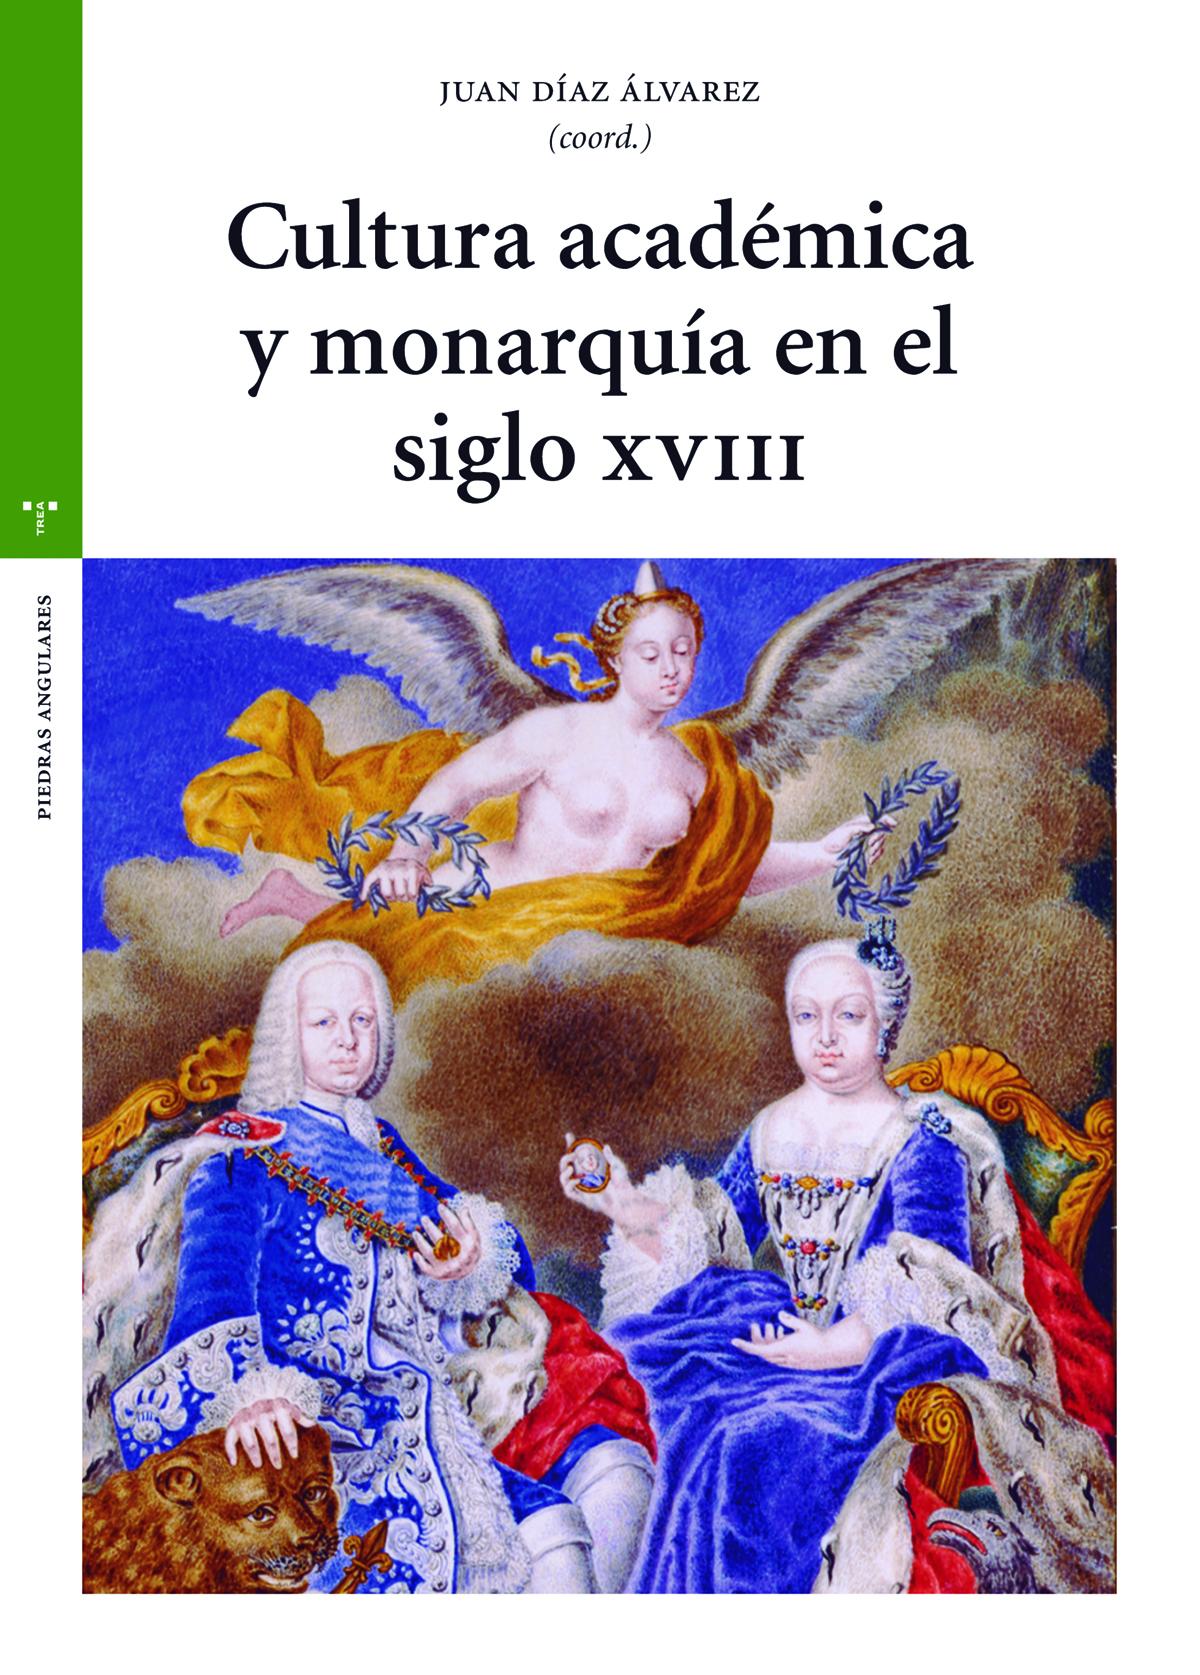 Cultura académica y monarquía en el siglo XVIII